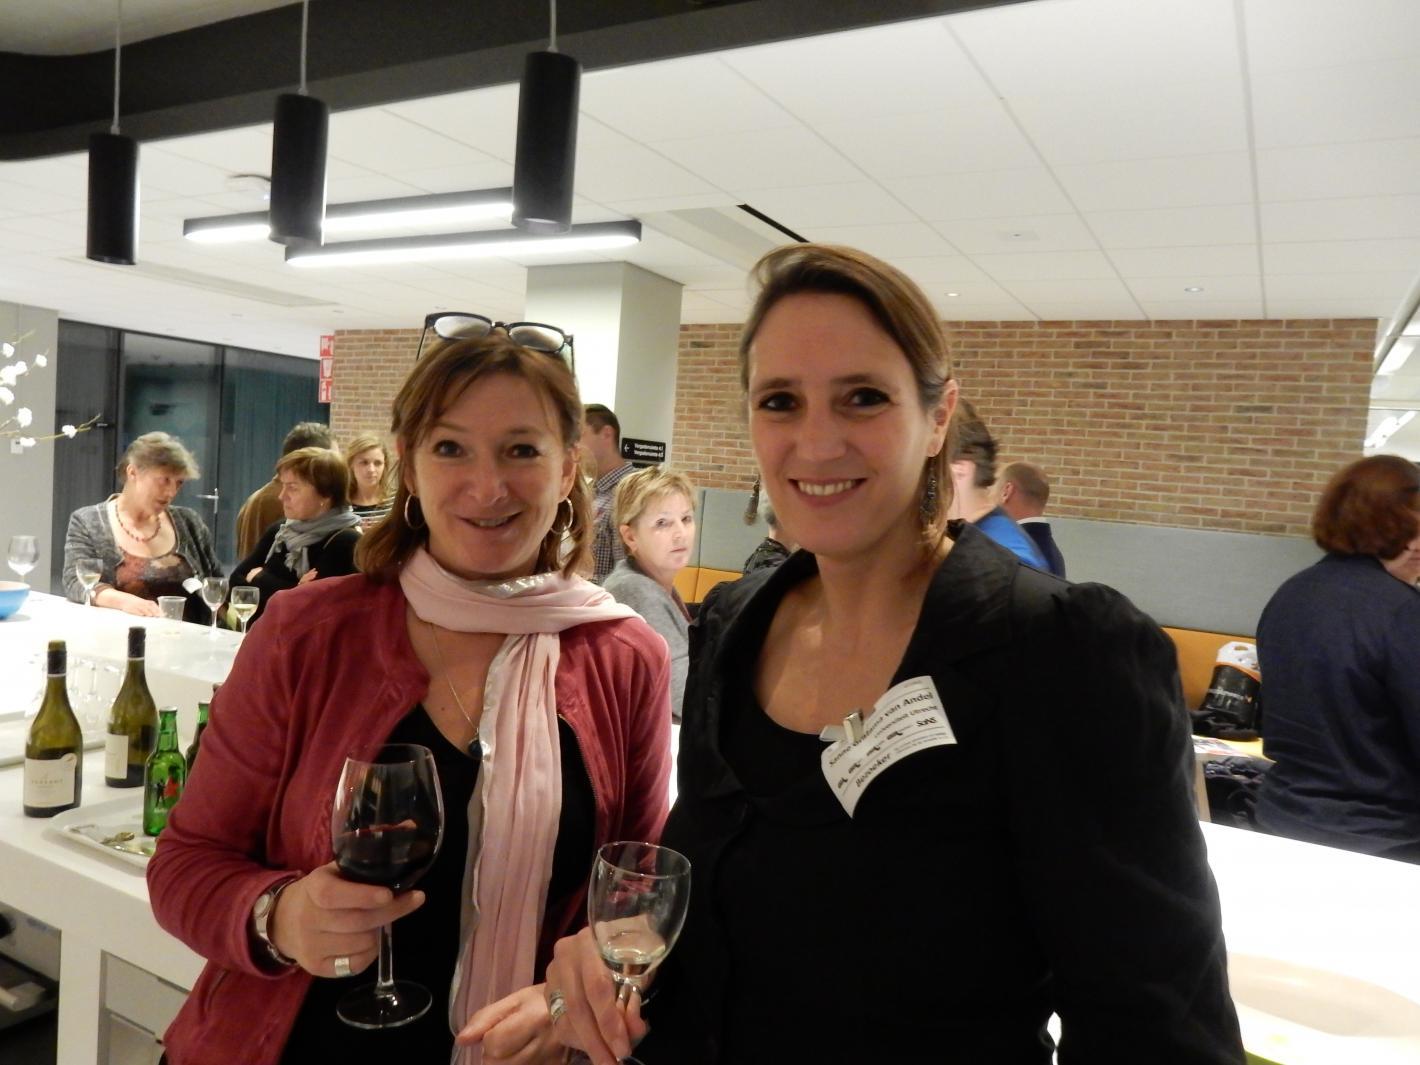 Twee van de organisatoren, Esther en Sanne